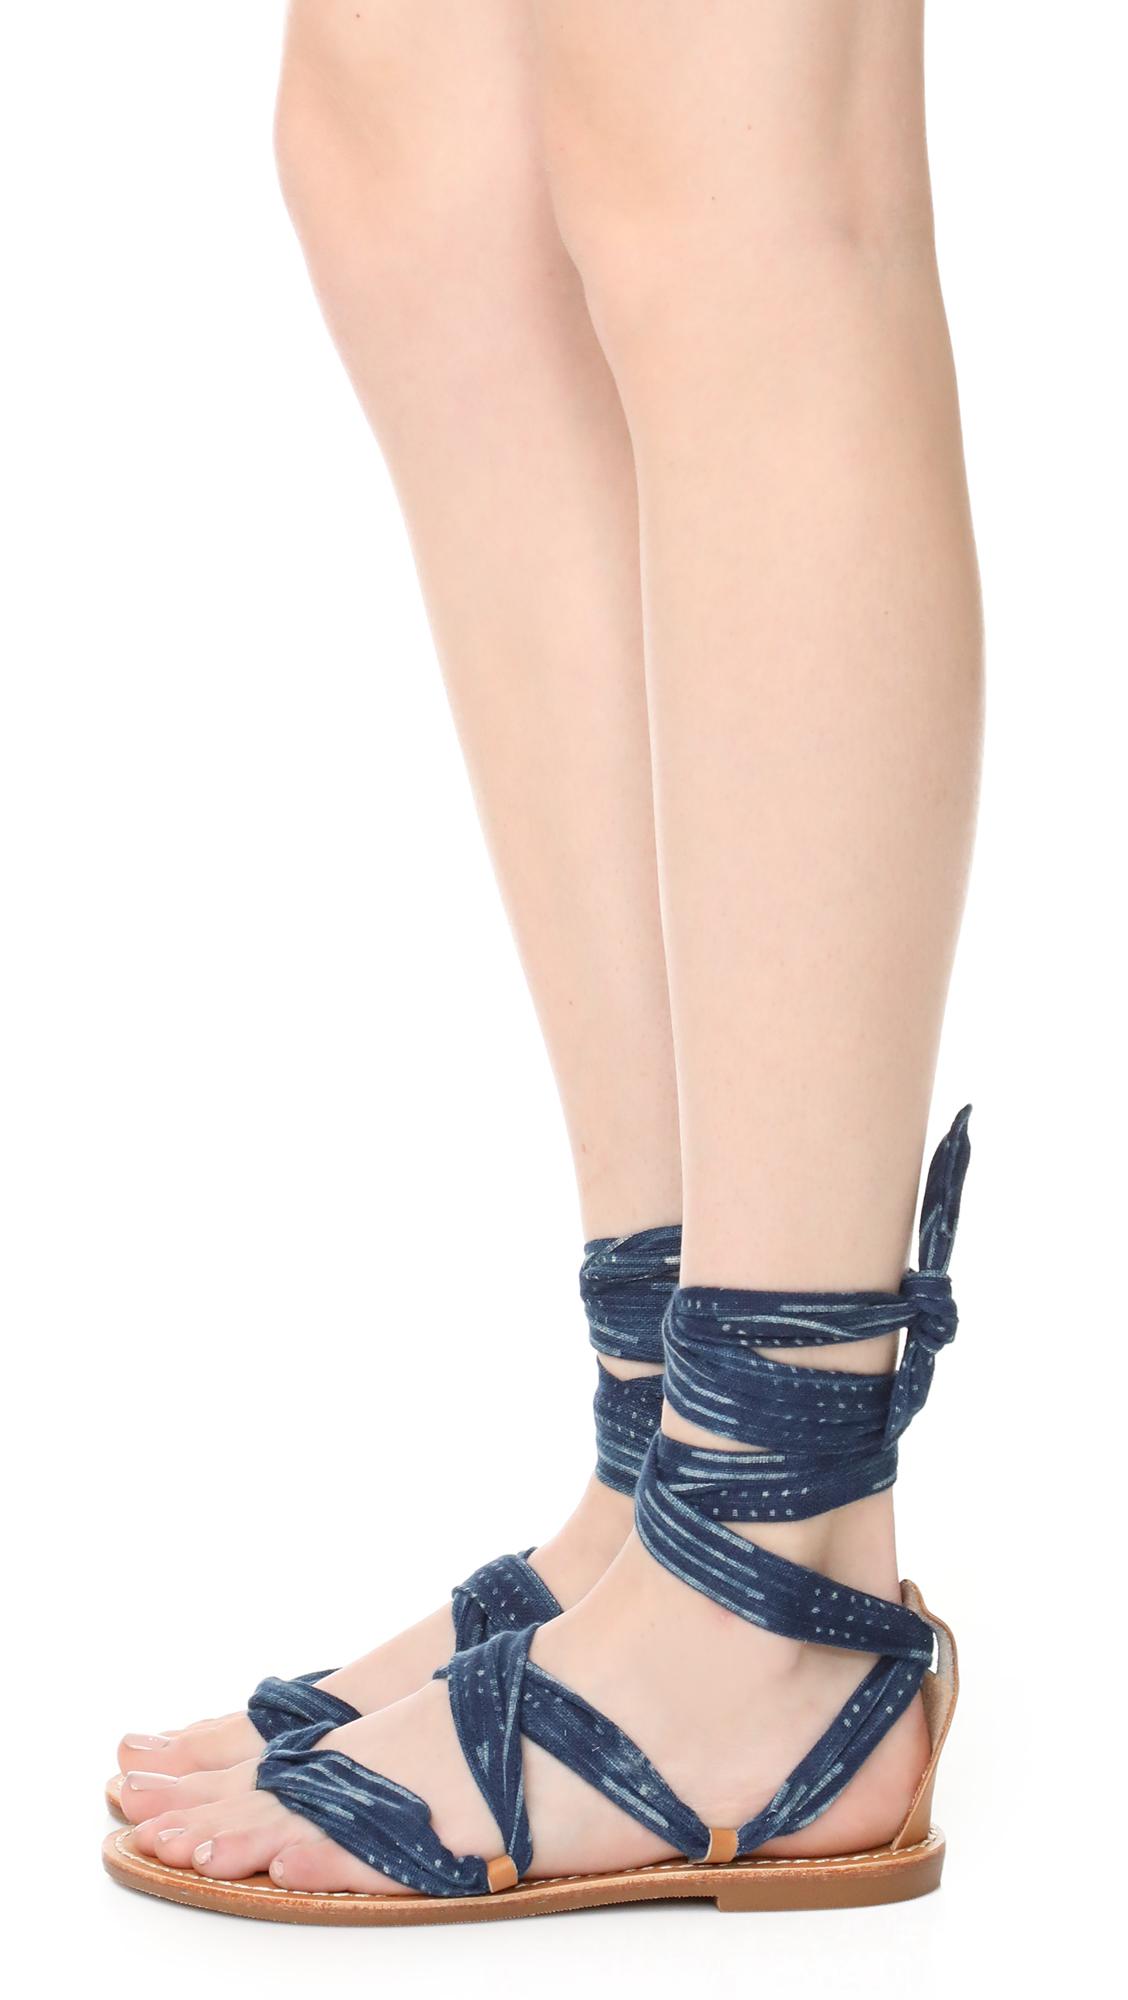 dc485fd5cfd Soludos Indigo Bandana Sandals